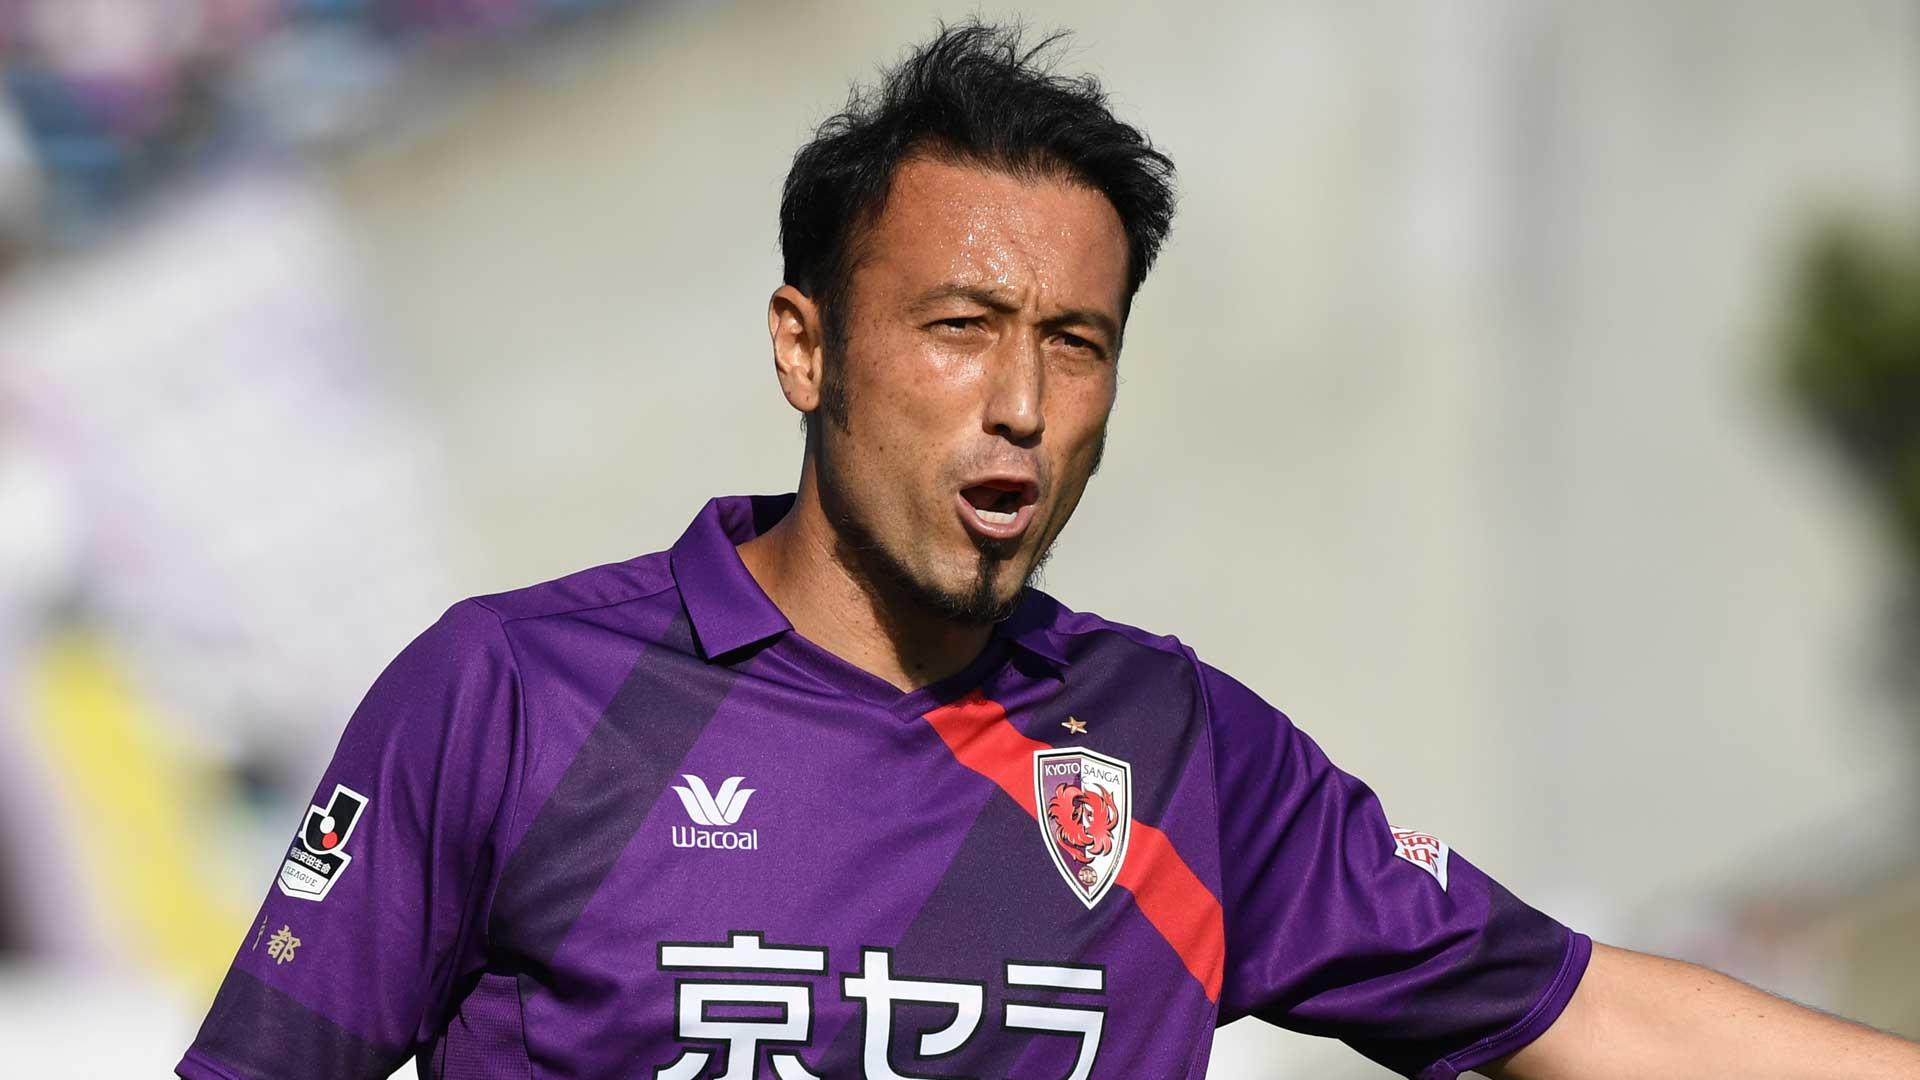 Markus Tanaka